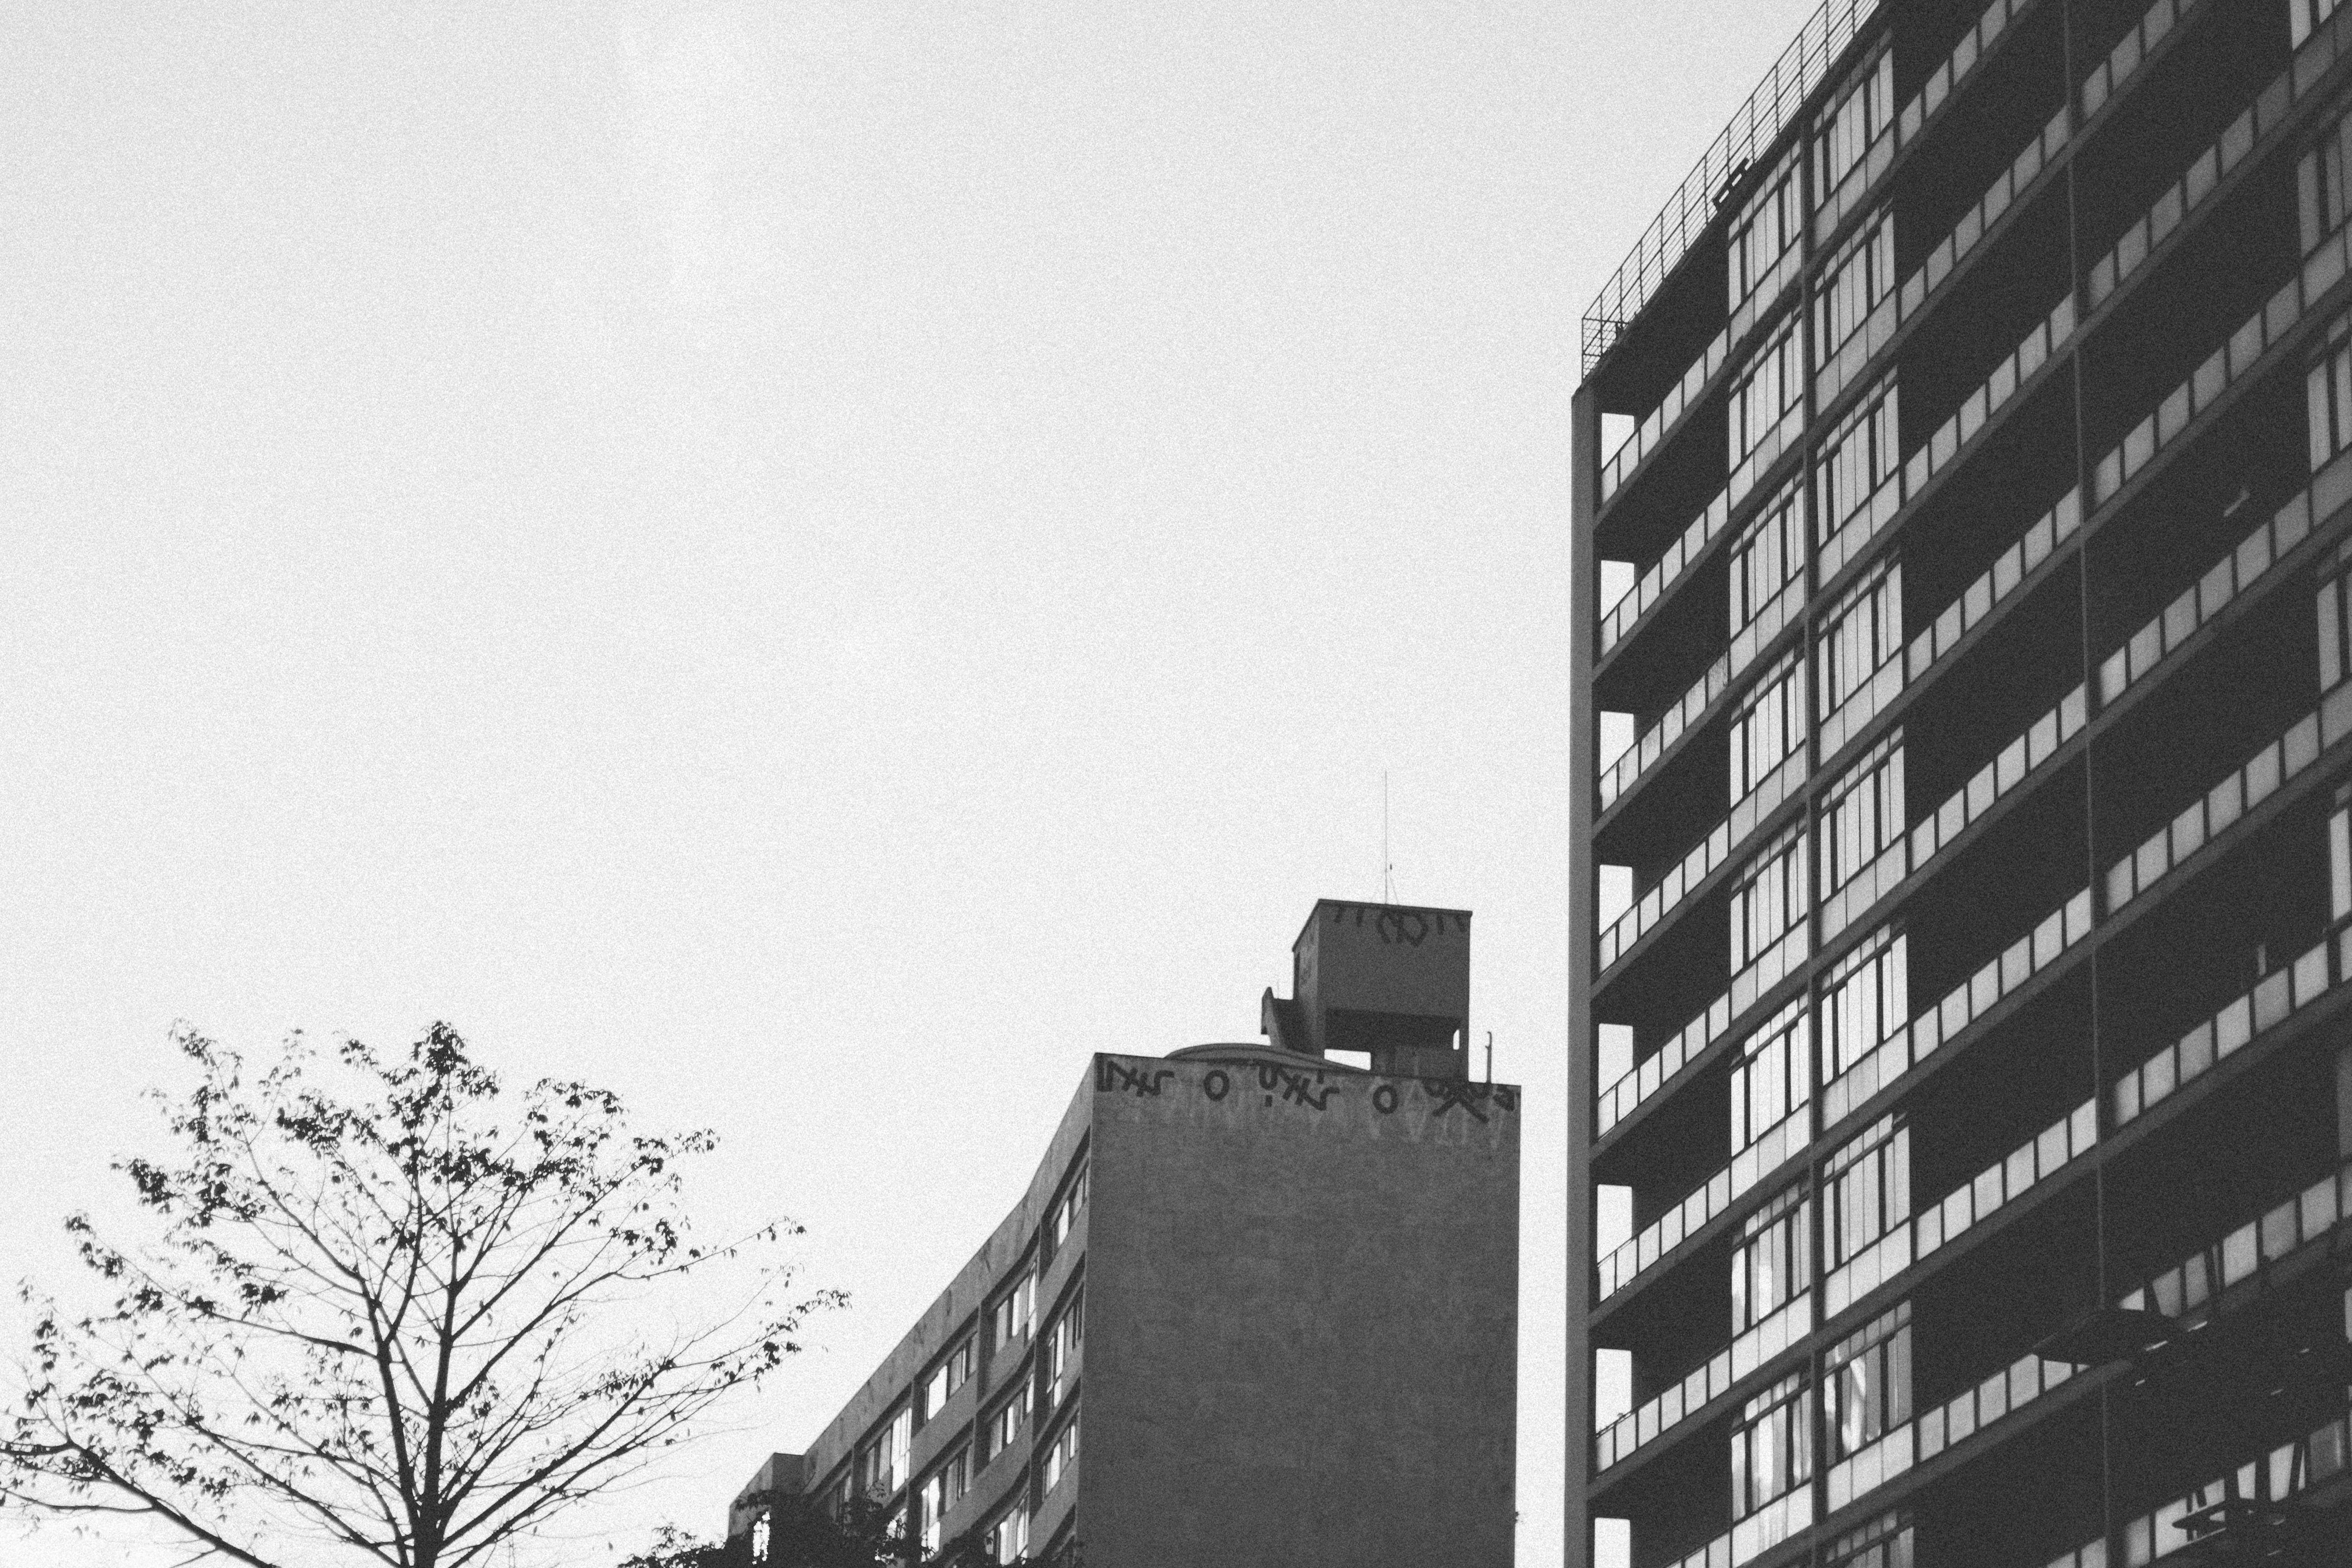 architektur, aufnahme von unten, einfarbig